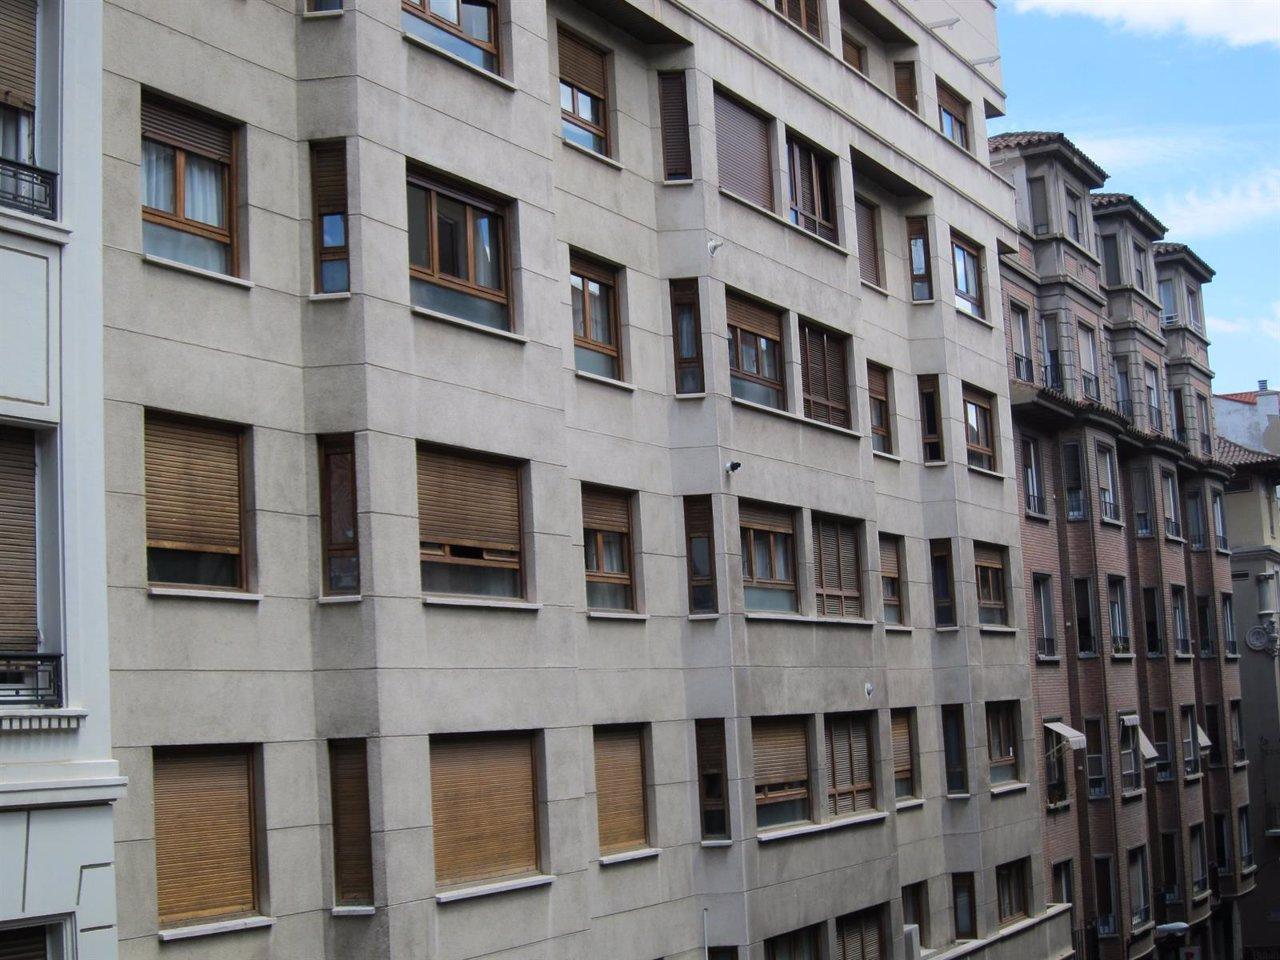 compra viviendas en zaragoza: